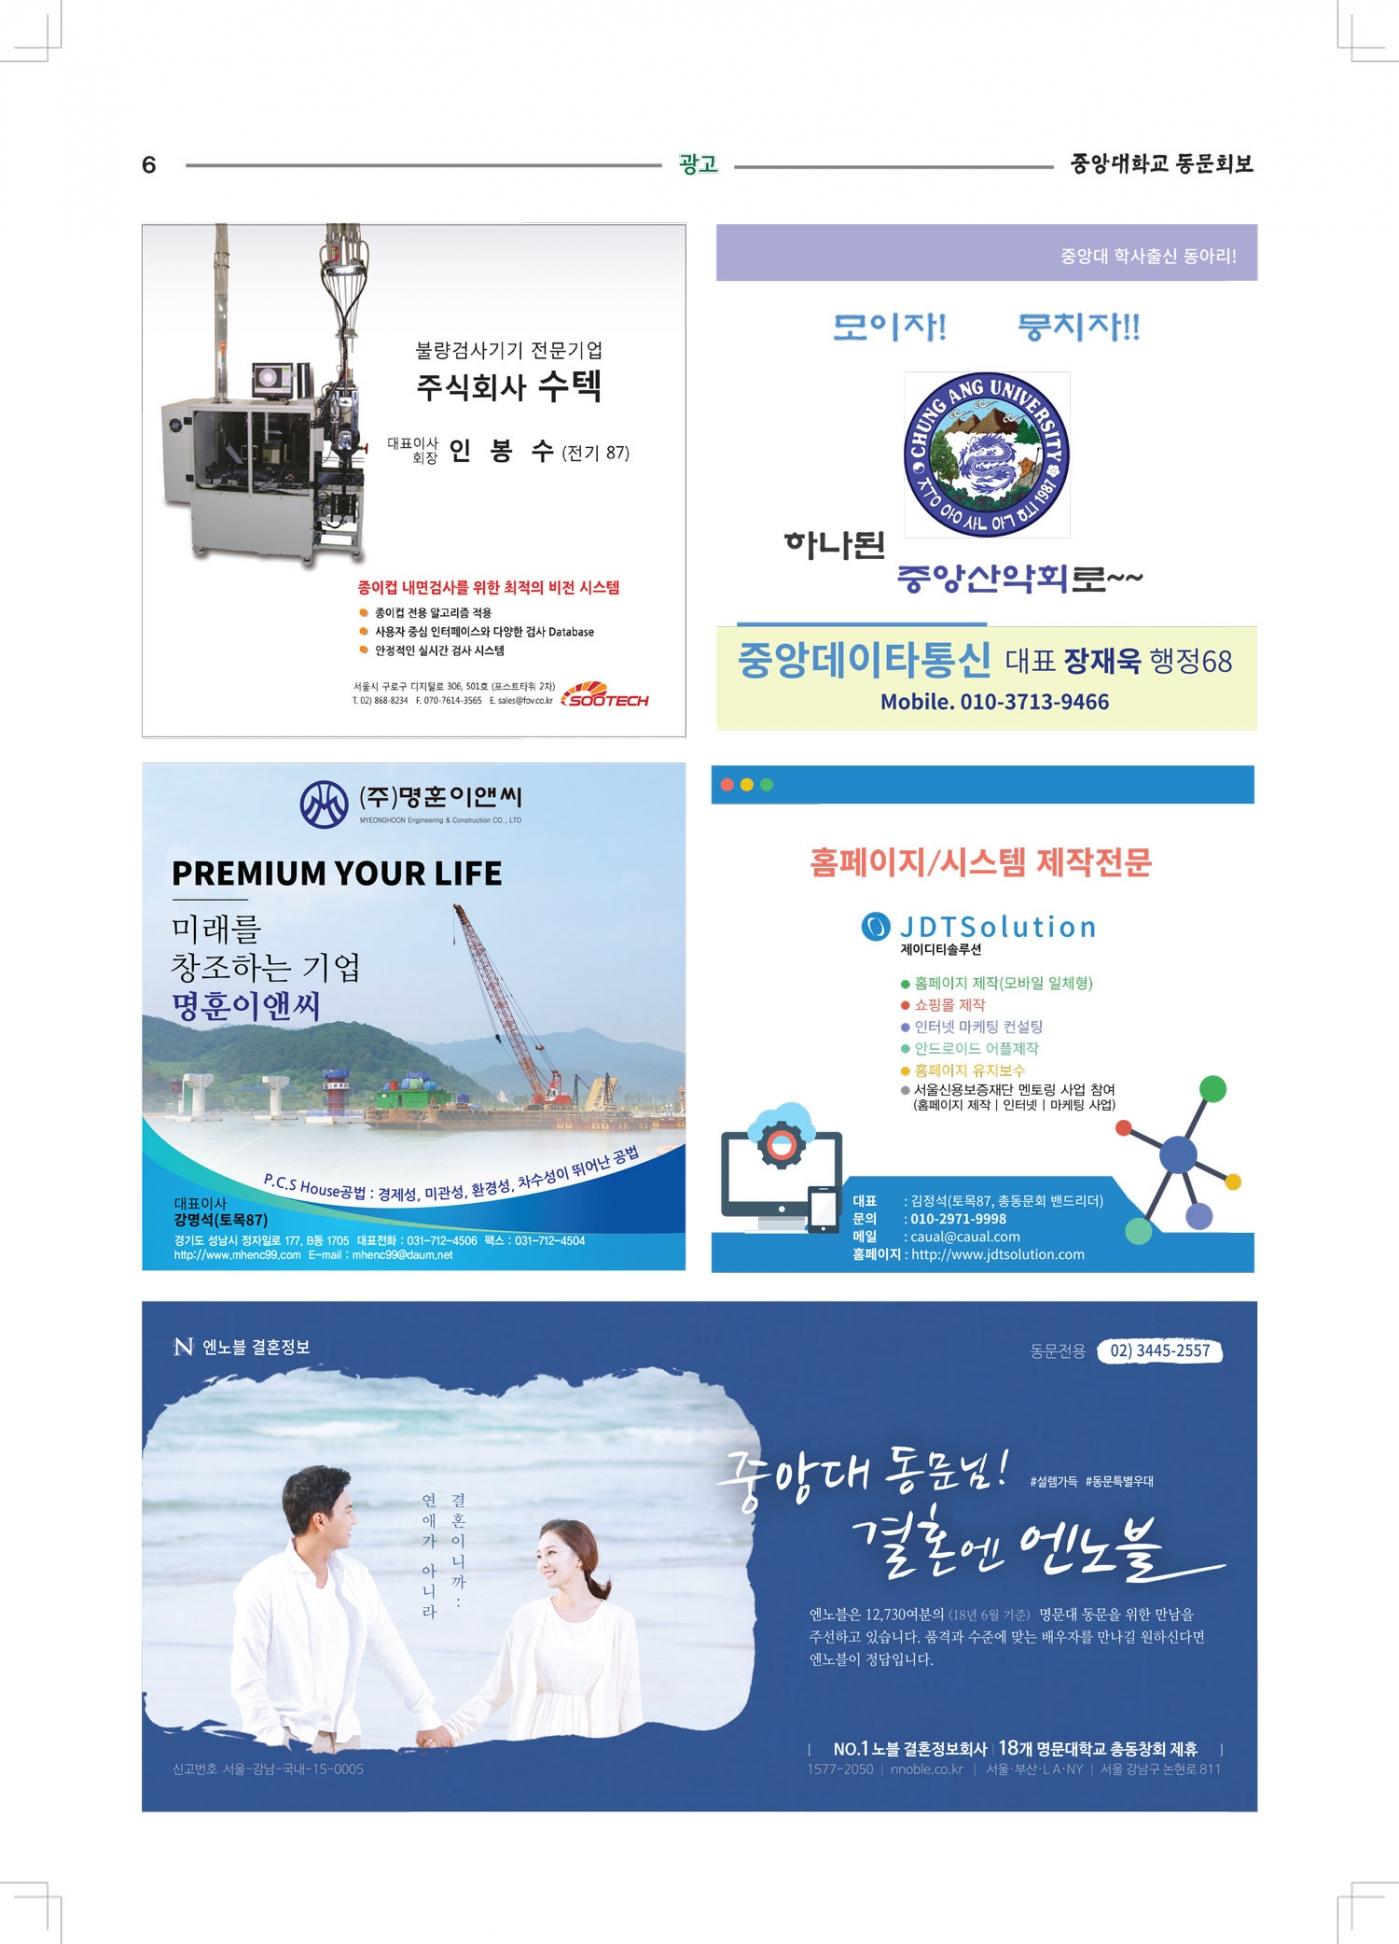 중앙대학교동문317호회보-(6)-6.jpg